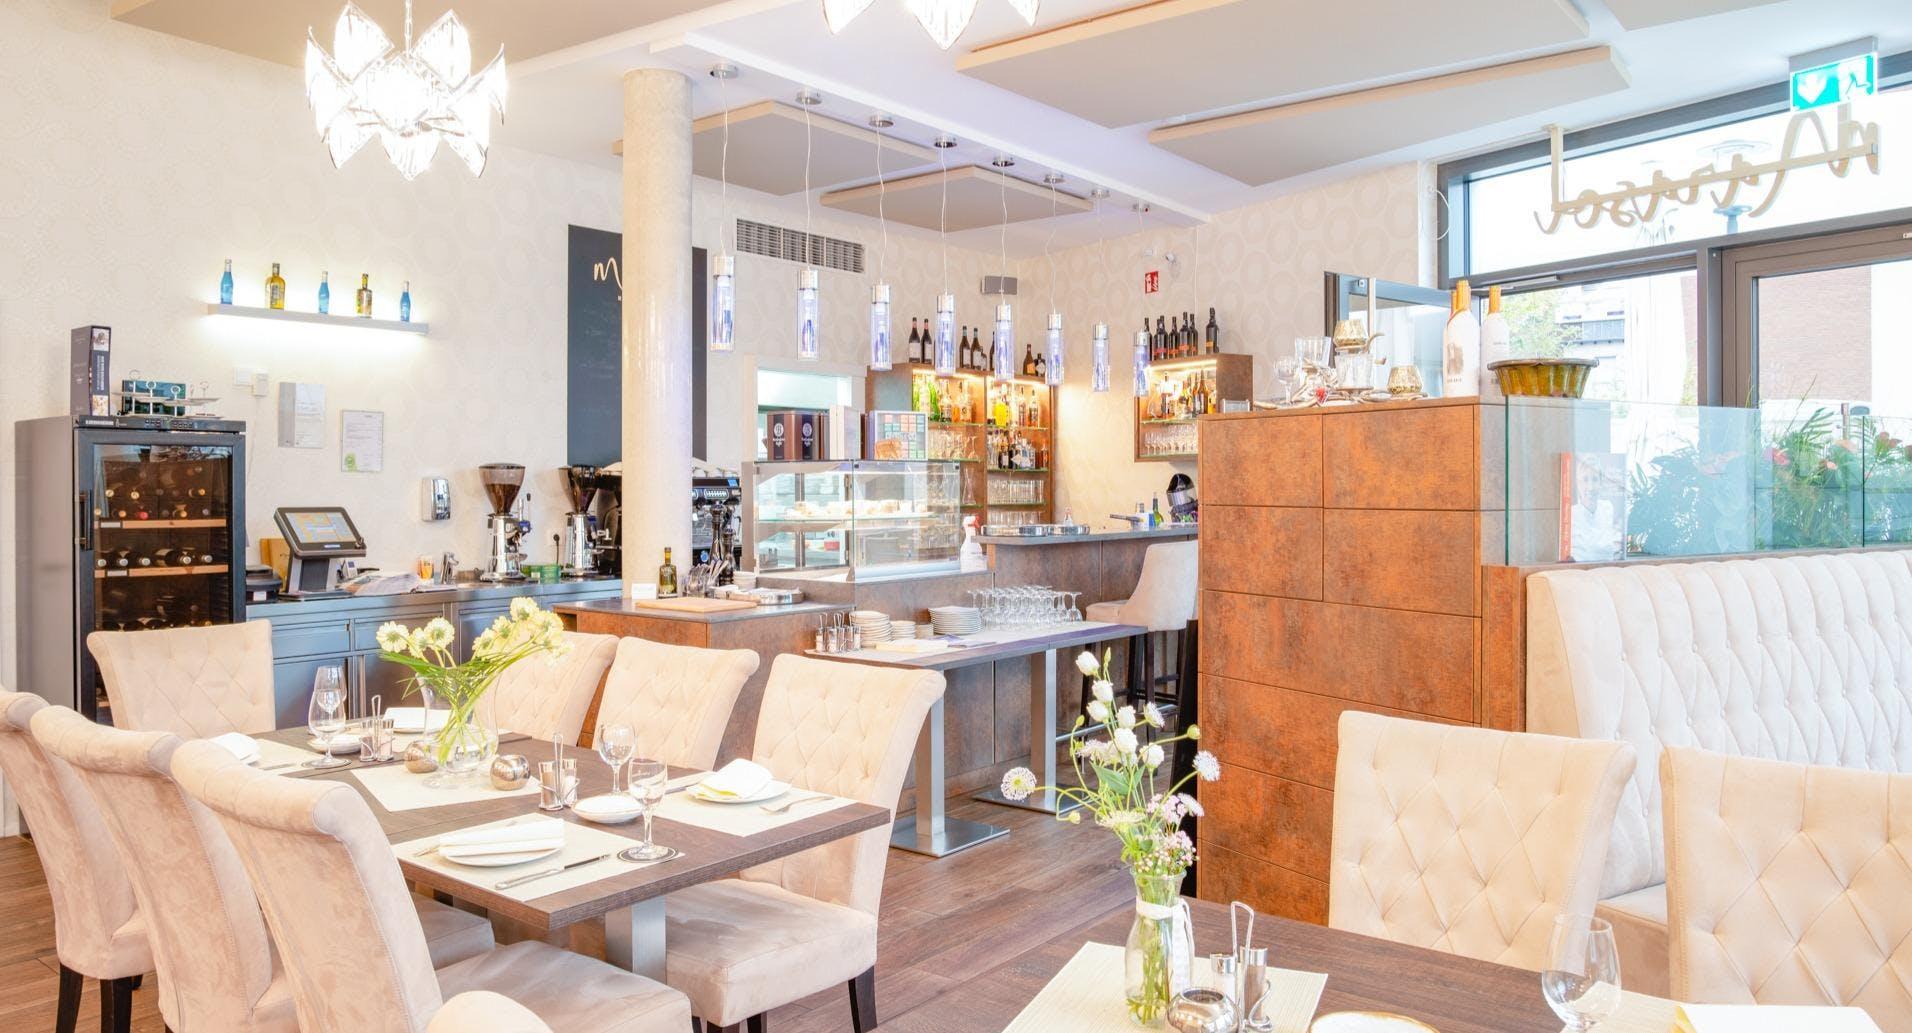 Marasol Restaurant Mönchengladb. image 3